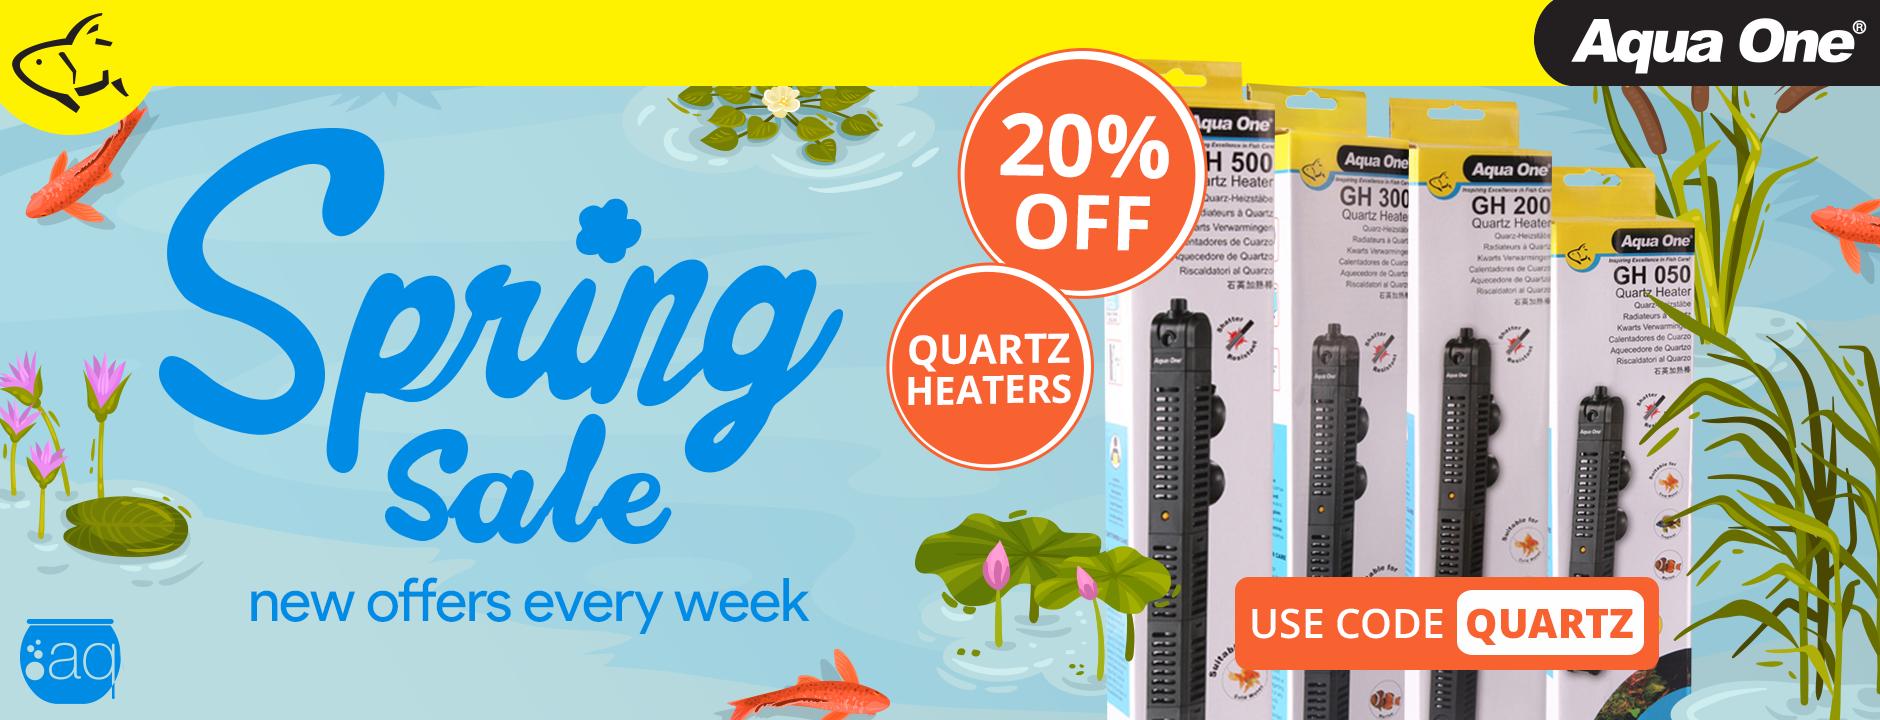 spring-sale-2021-banner-offer-2.png